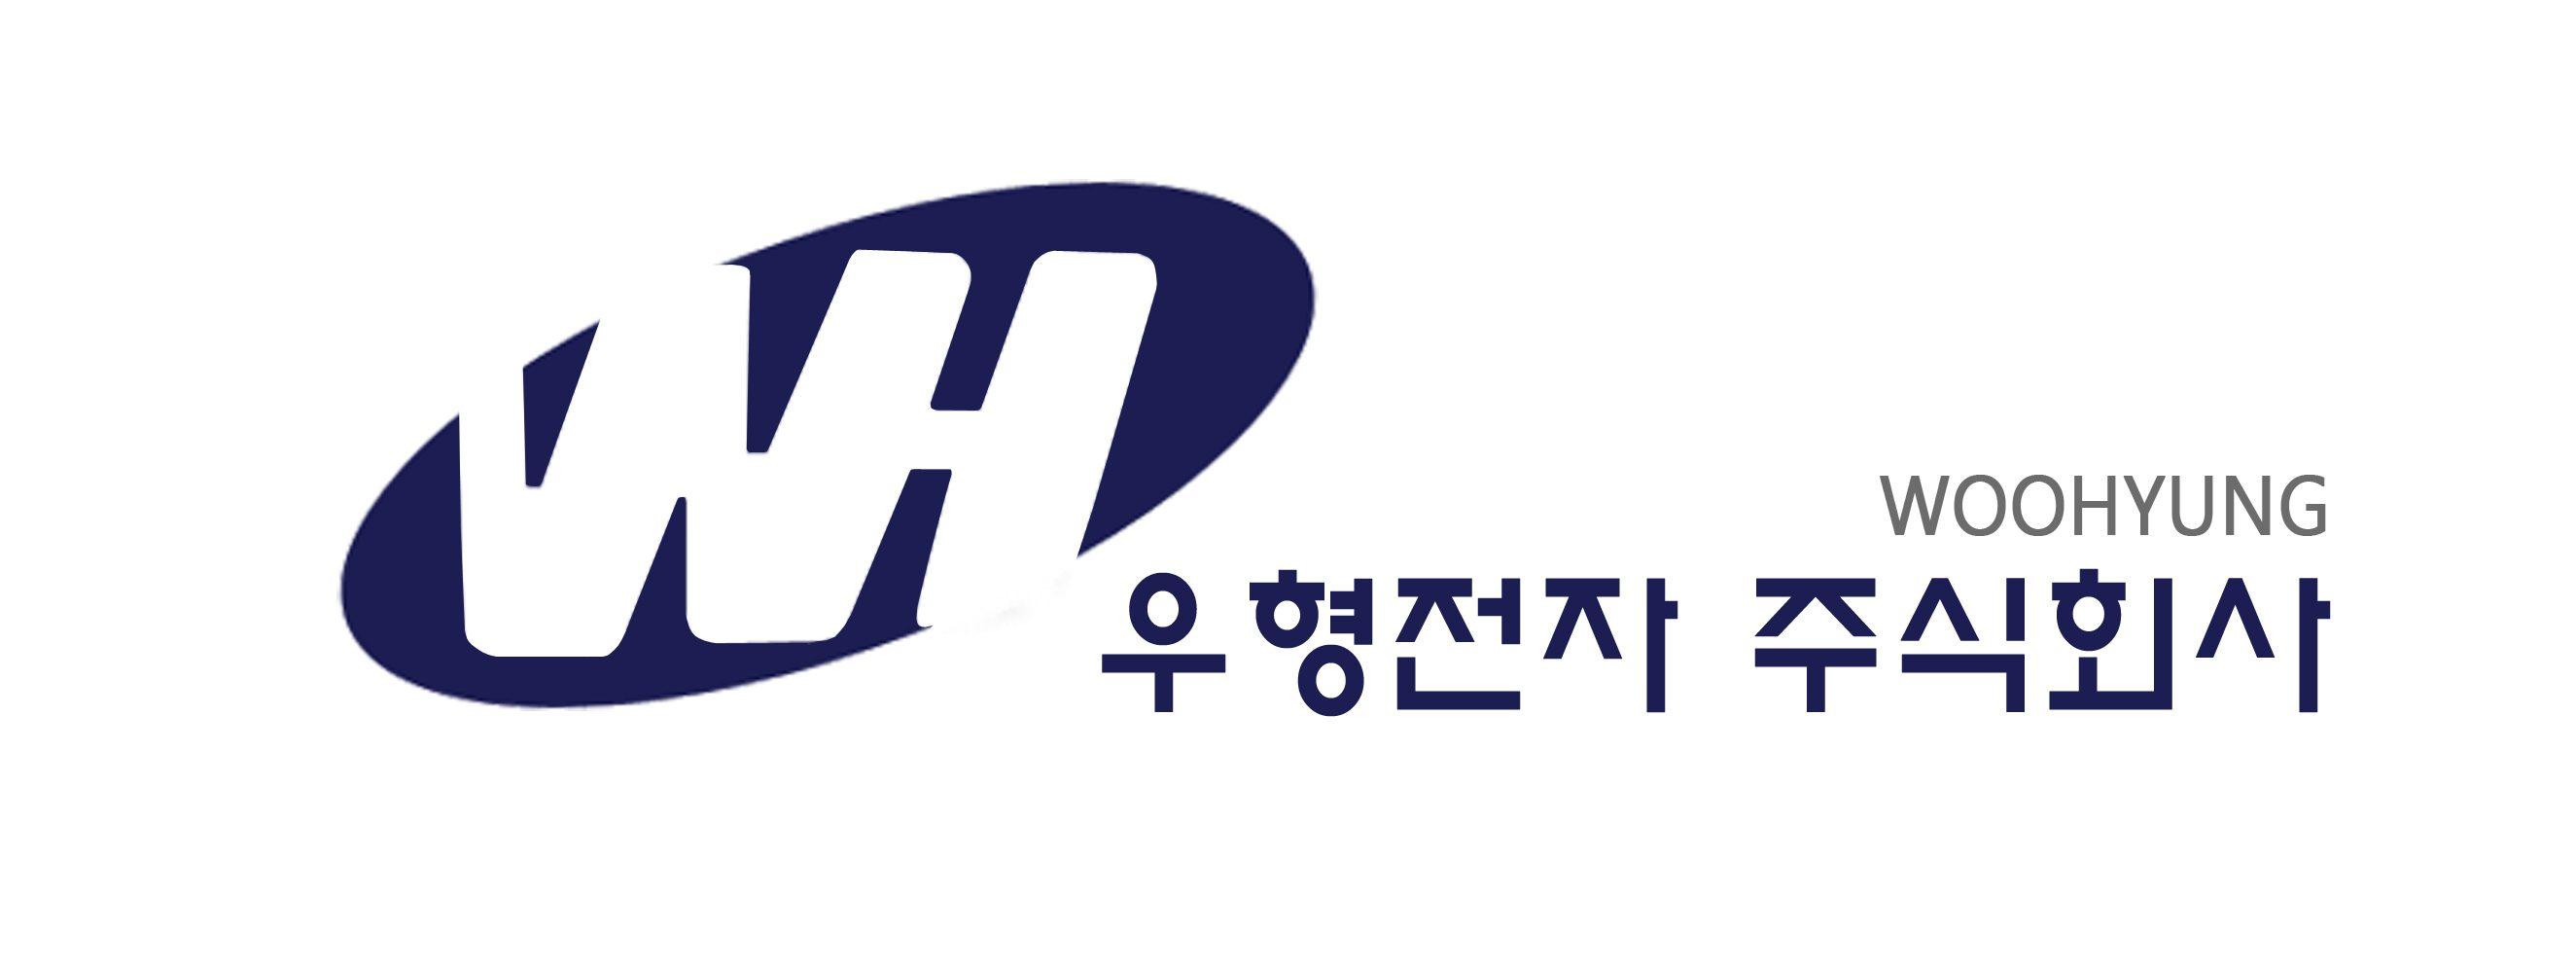 Woo Hyung Electronics Co., Ltd.